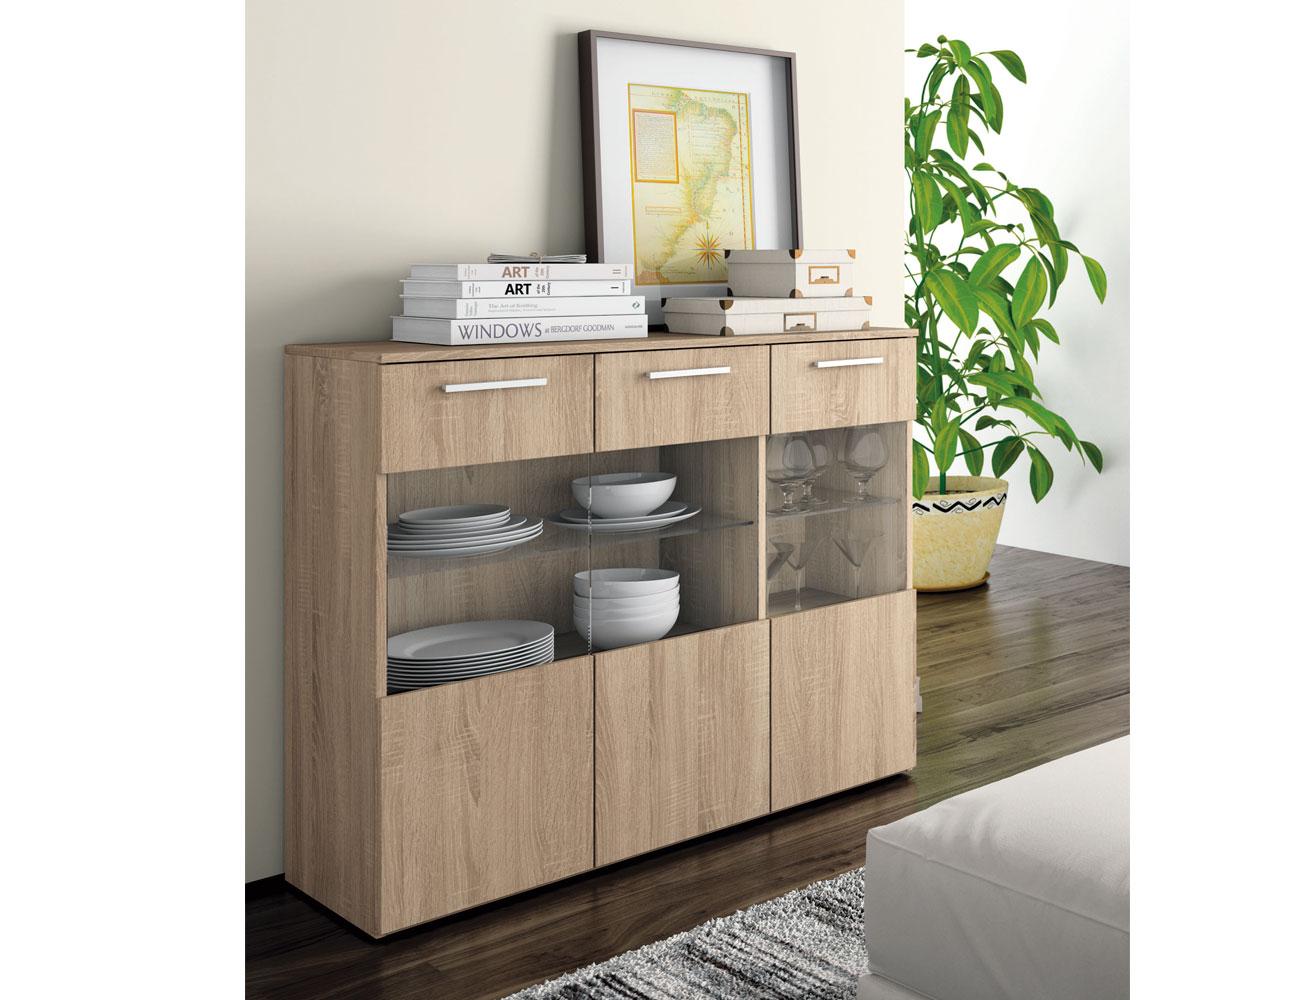 Mueble aparador de oficina o despachos en color cambrian - Factory del mueble sevilla ...